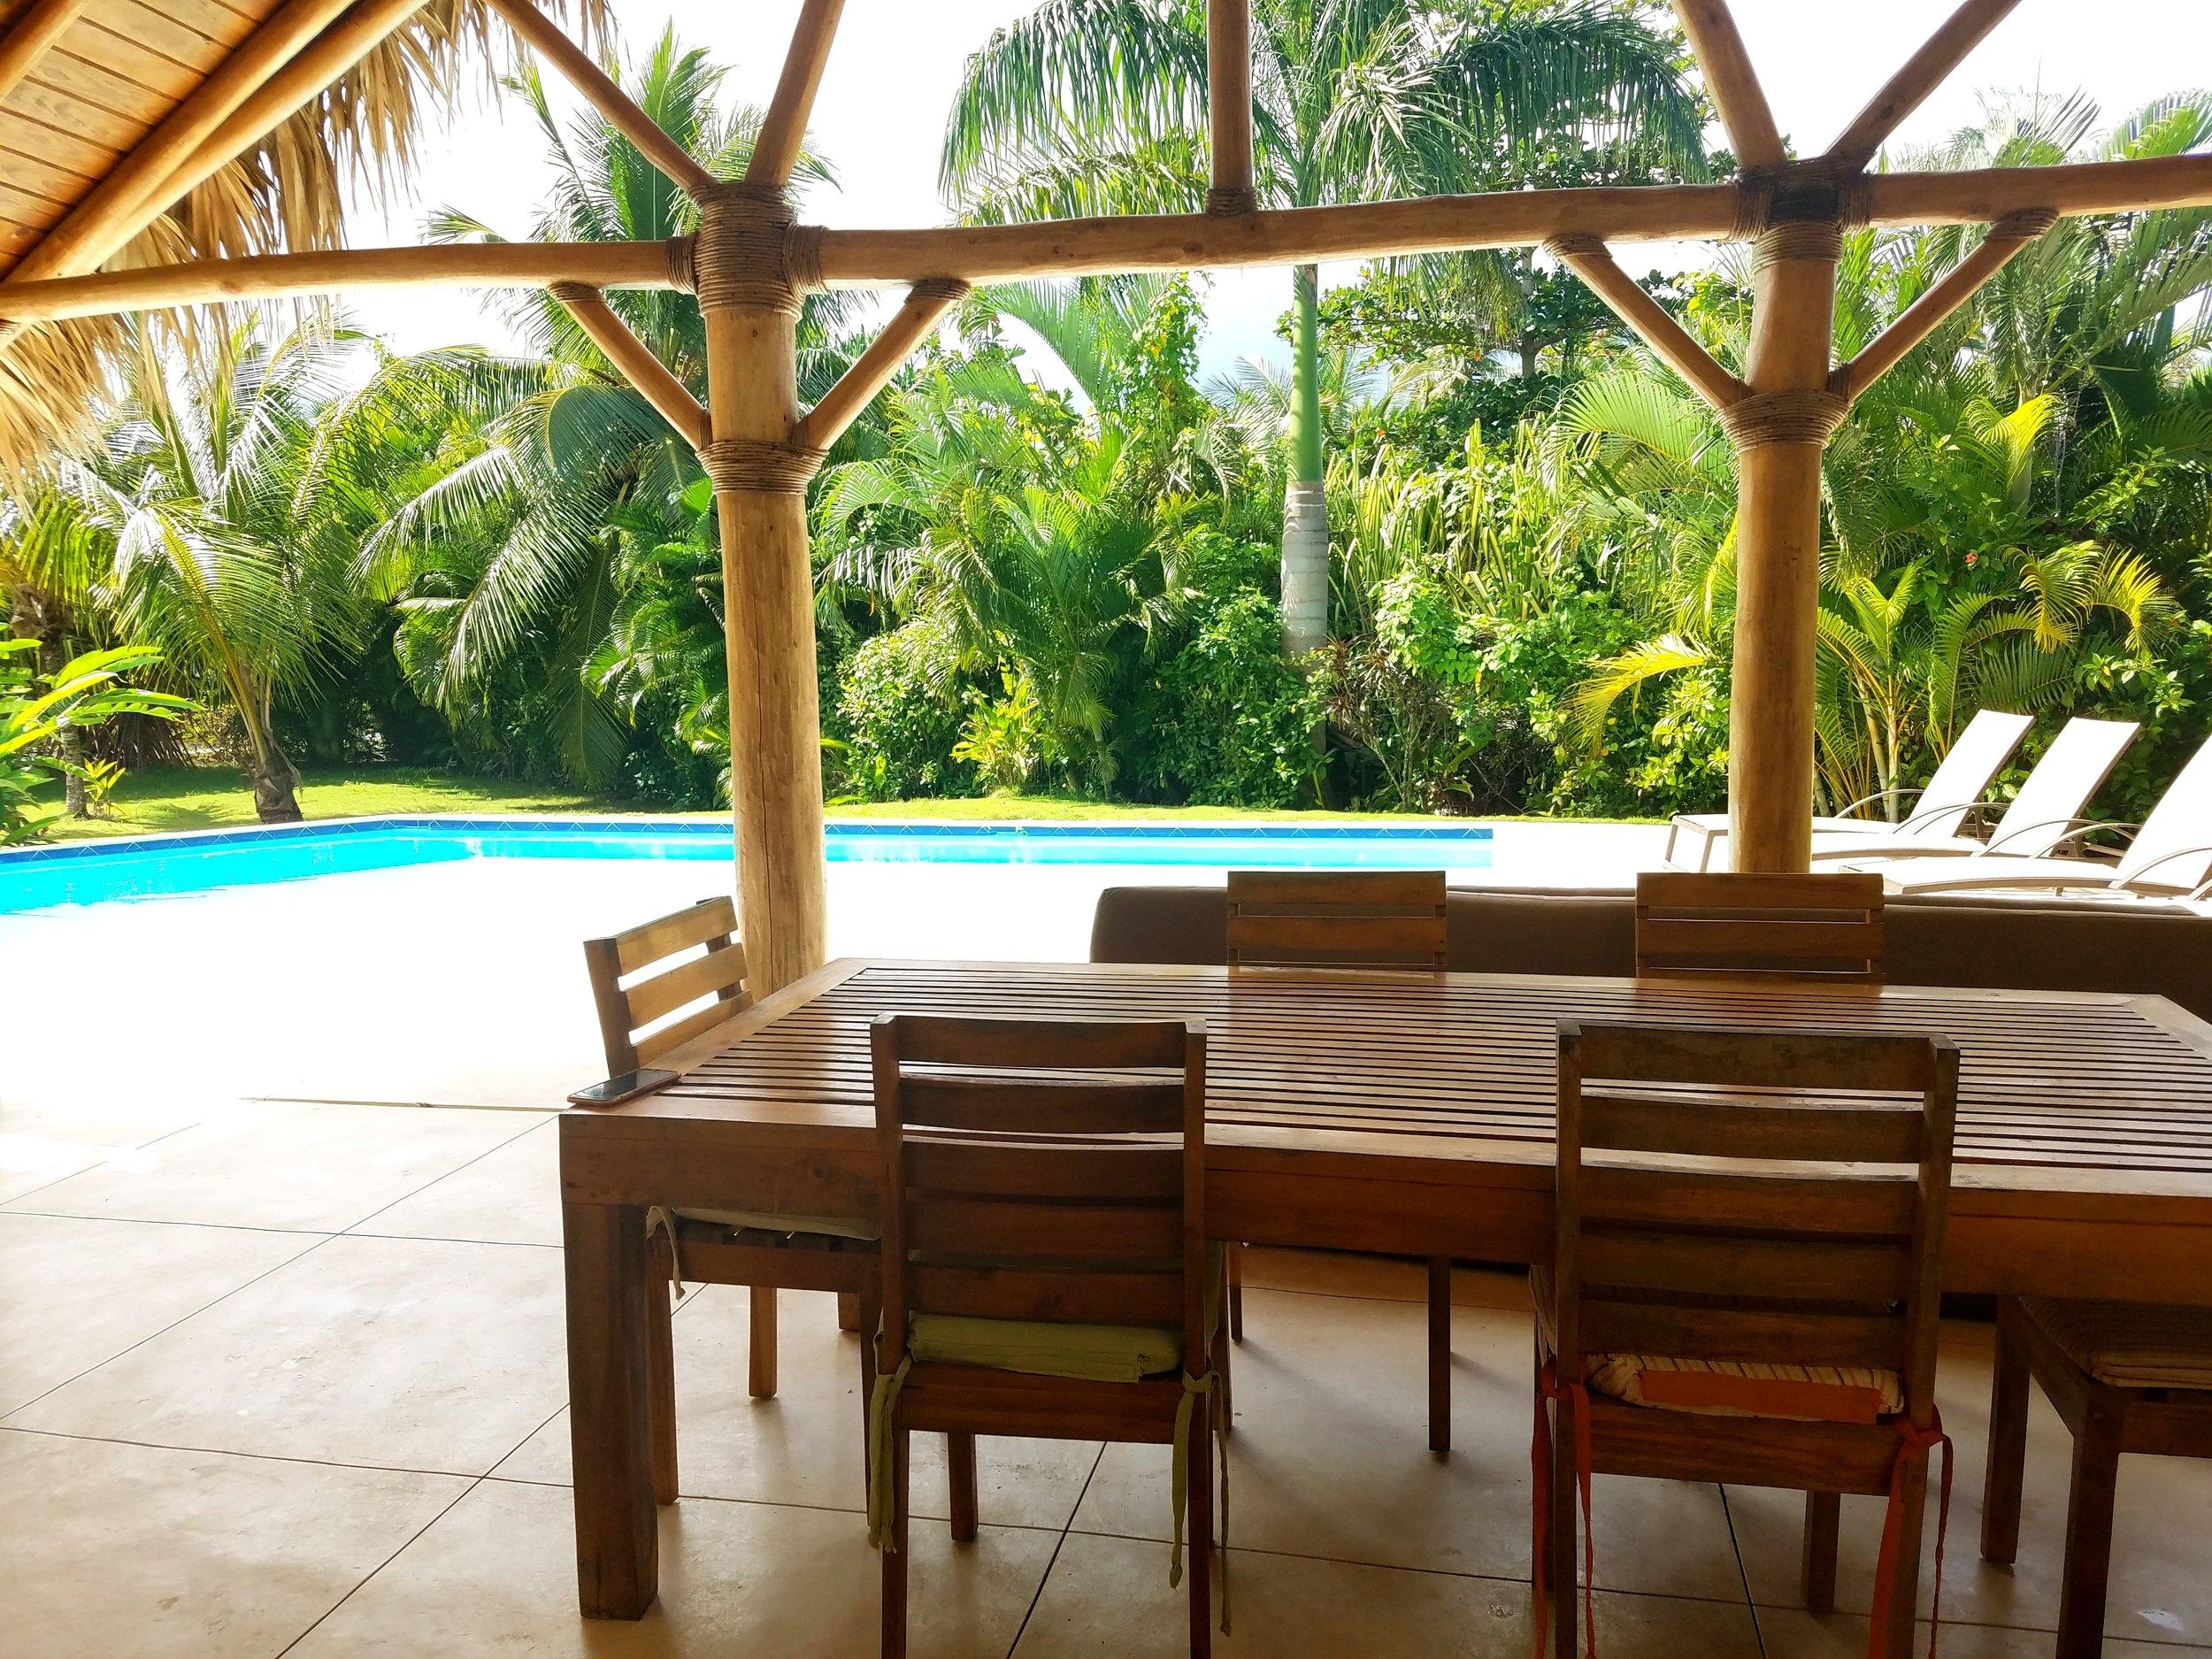 Villa las for rent Las Terrenas Las Flores18-min.jpg